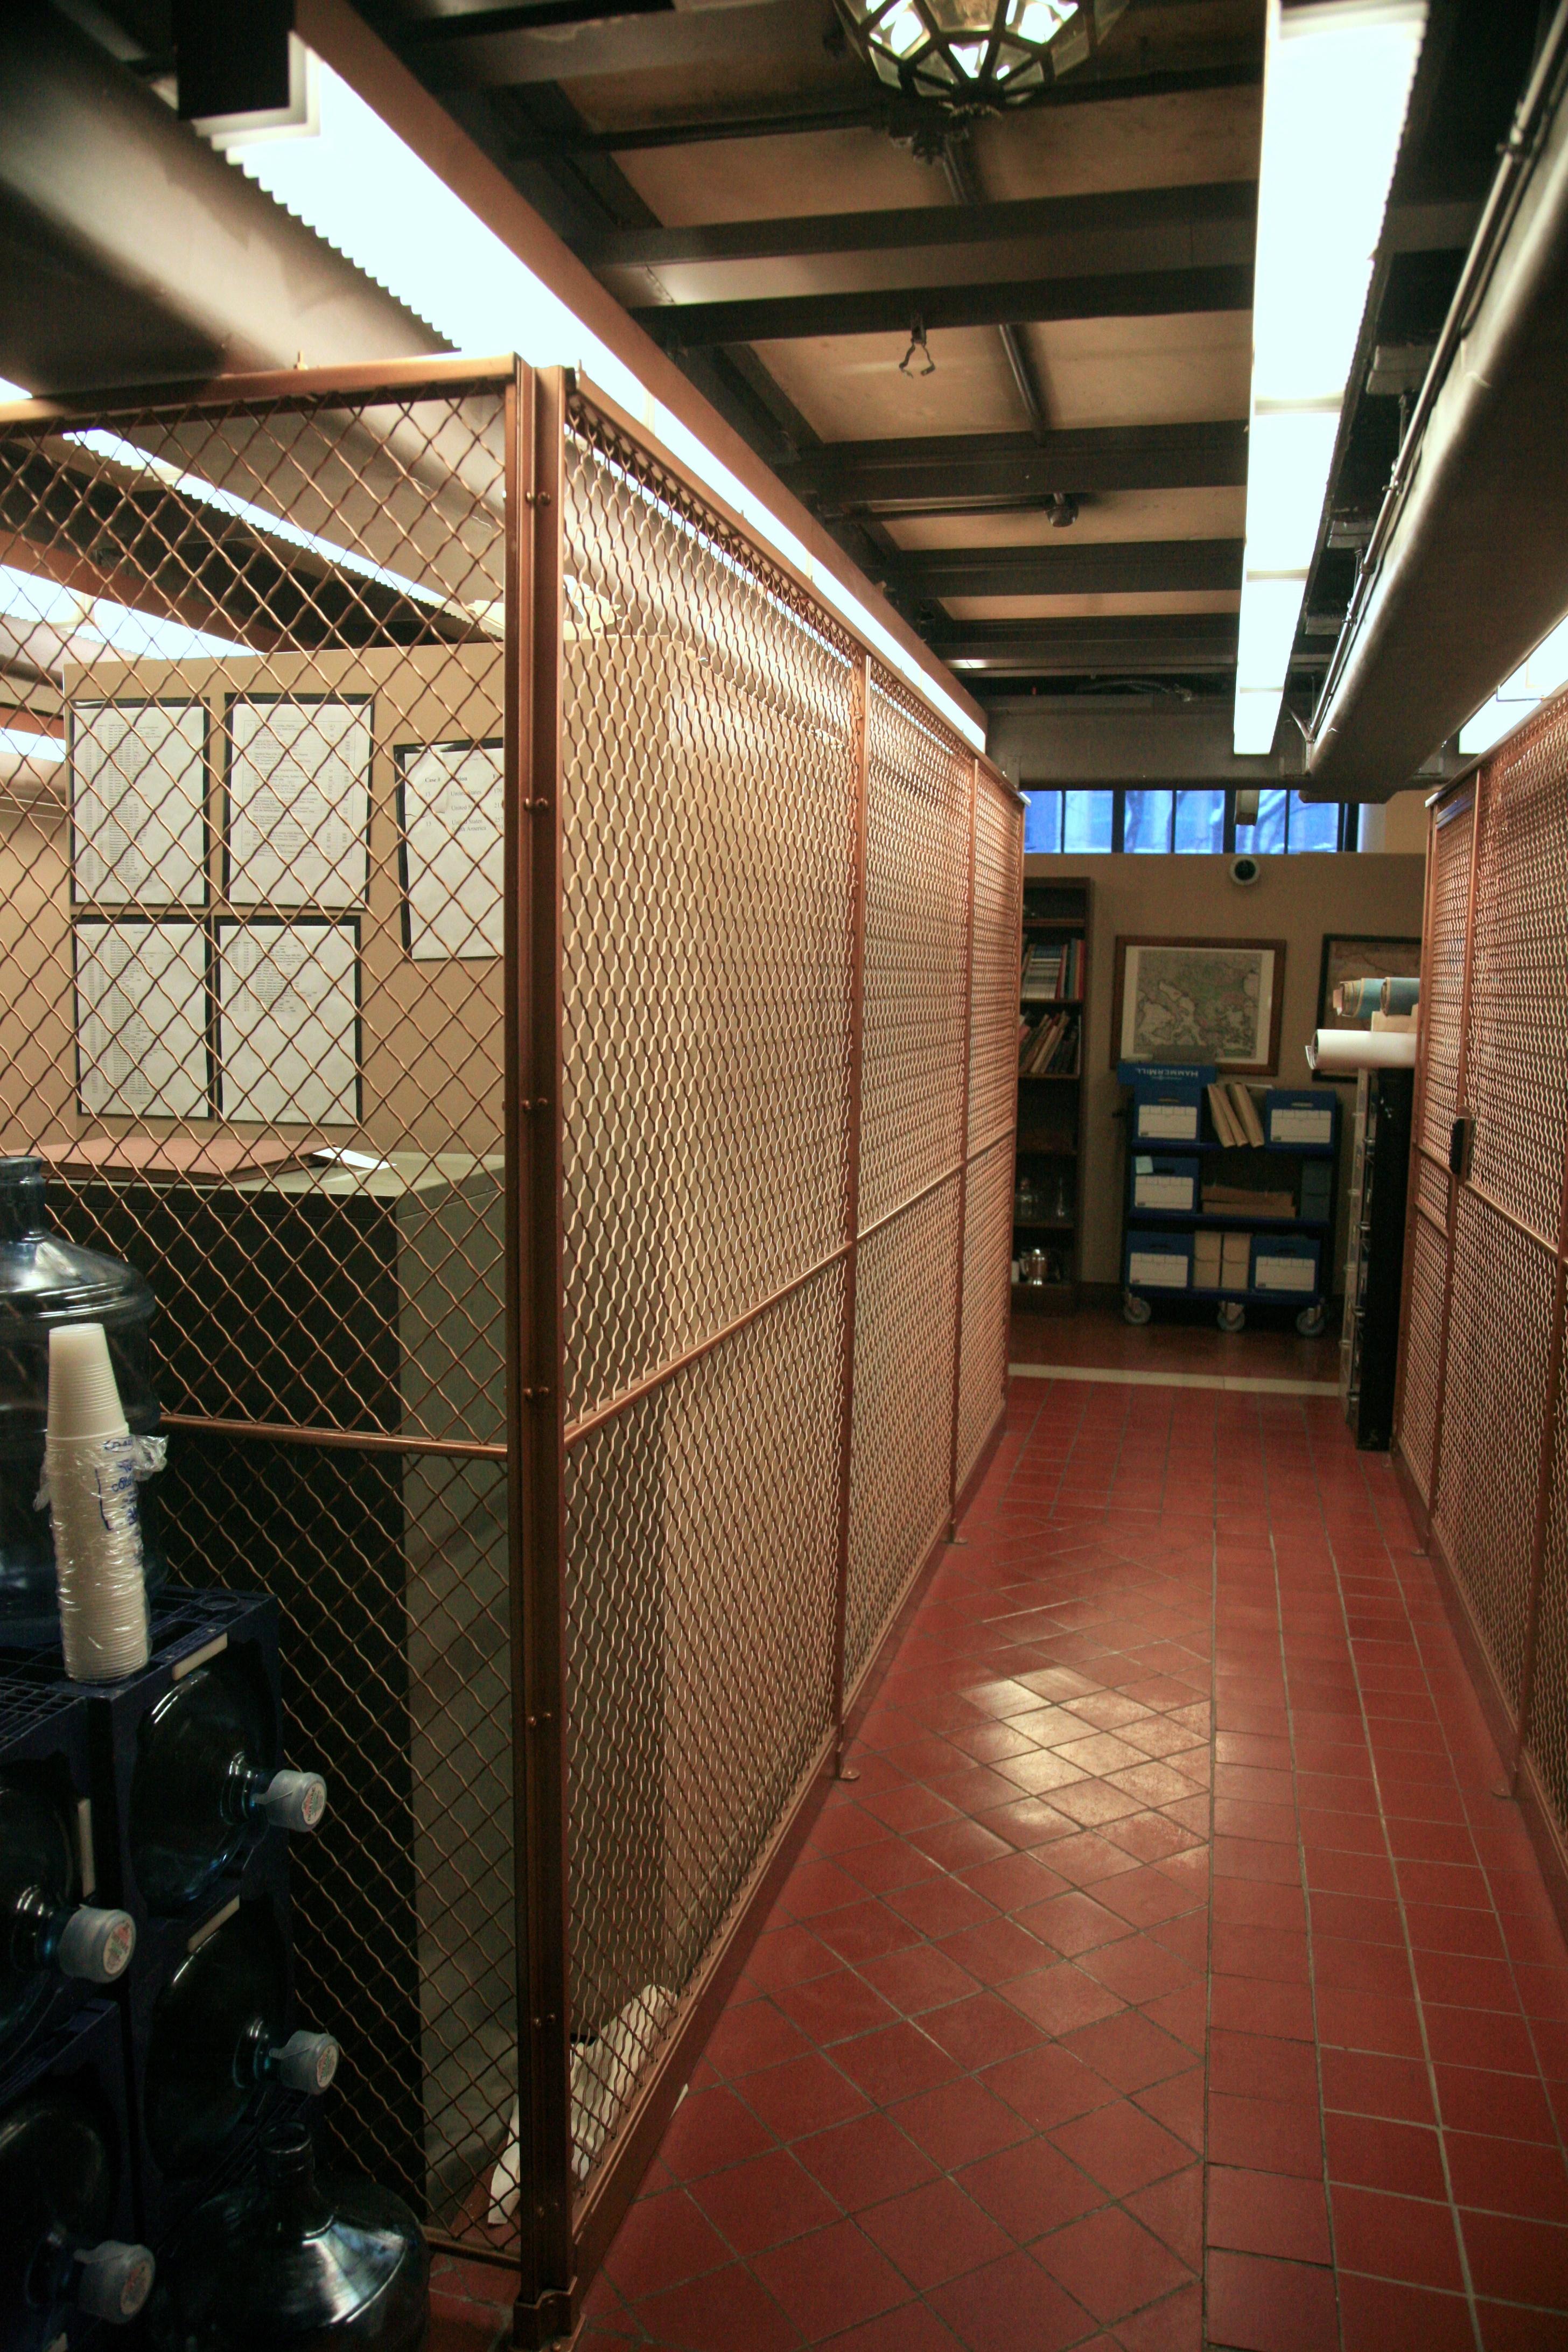 Innenarchitektur Halle kostenlose foto nyc halle zimmer innenarchitektur york